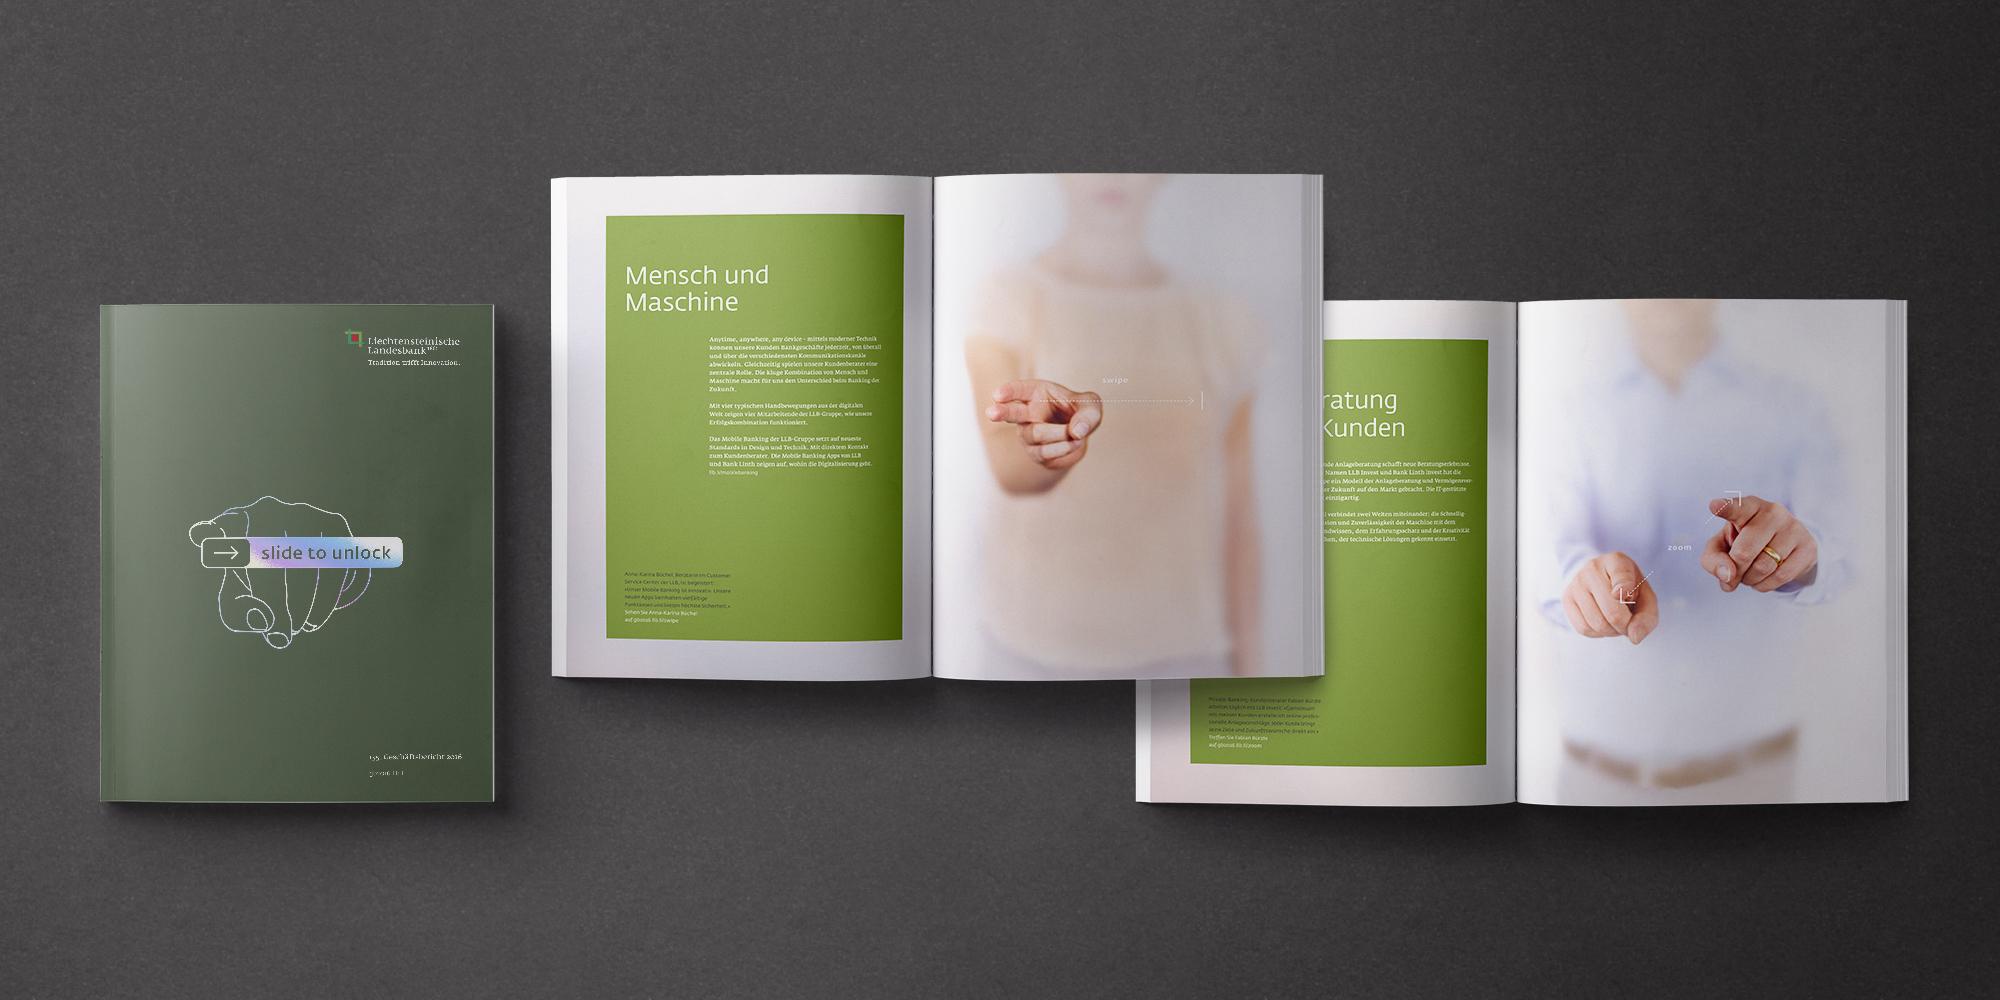 """Es handelt sich um das Konzept für den Image-Teil des Geschäftsberichts 2016 der Liechteinsteinischen Landesbank. 3 Bücher sind sichtbar. Links das geschlossene Buch, nur das Cover ist sichtbar. In der Mitte und rechts liegen die zwei offene Geschäftsberichte. Die Image-Teil-Seiten sind aufgeschlagen und man sieht unscharfe Menschen, deren Hände im Vordergrund im Fokus stehen und eine digitale Geste, wie z.B. """"zoom"""" andeuten."""